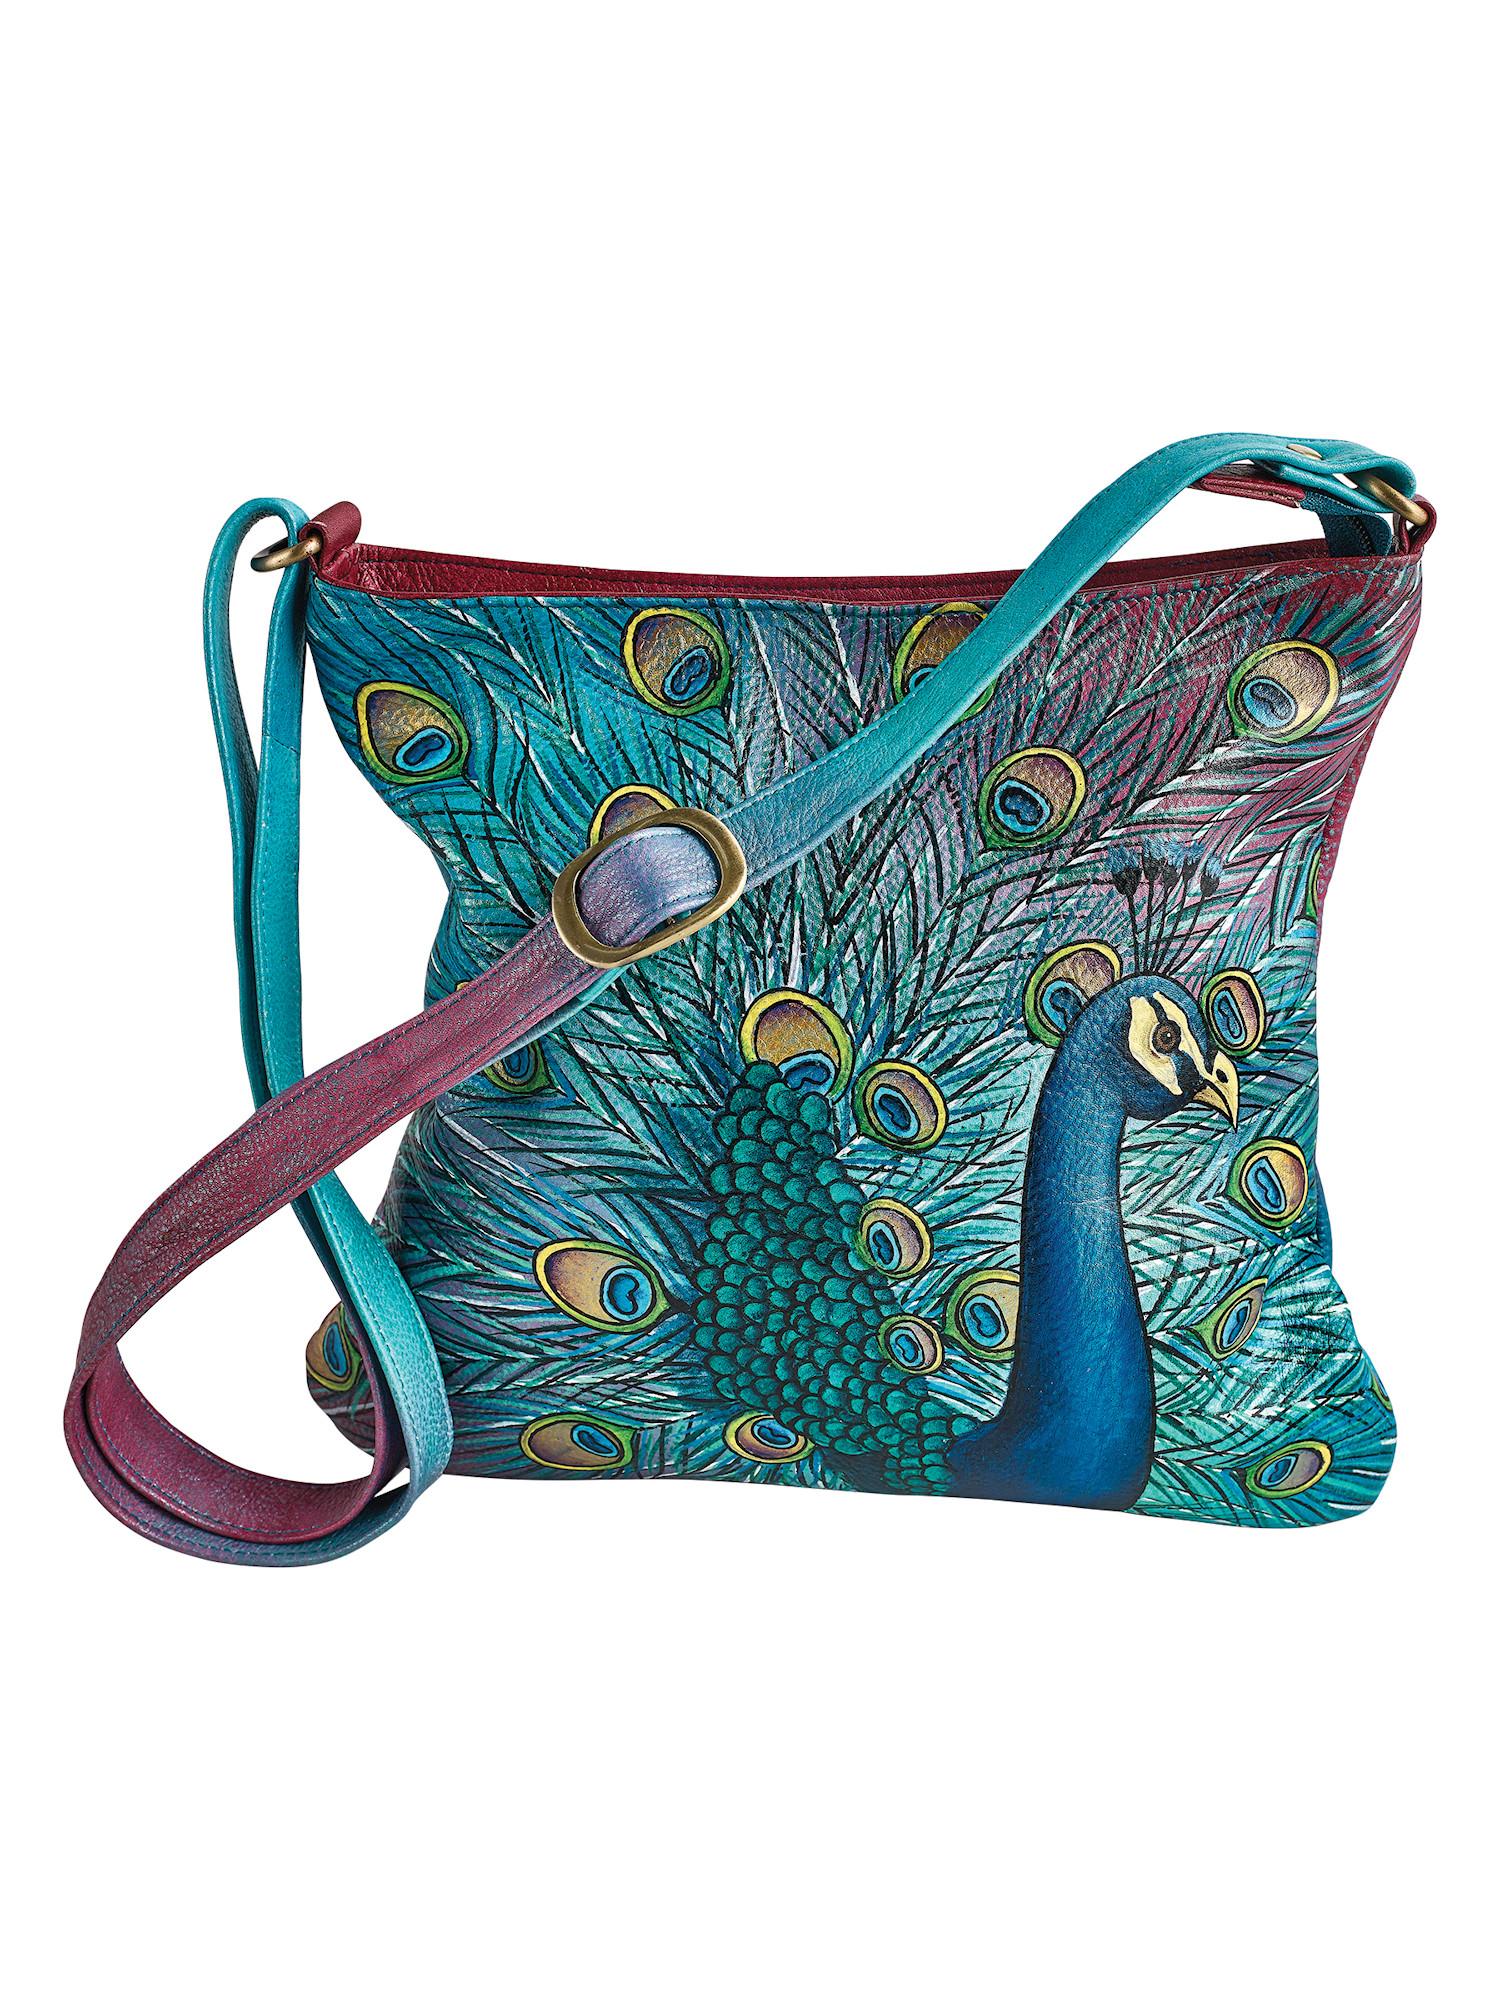 Karen Diane Fish Handpainted Fashion Tote